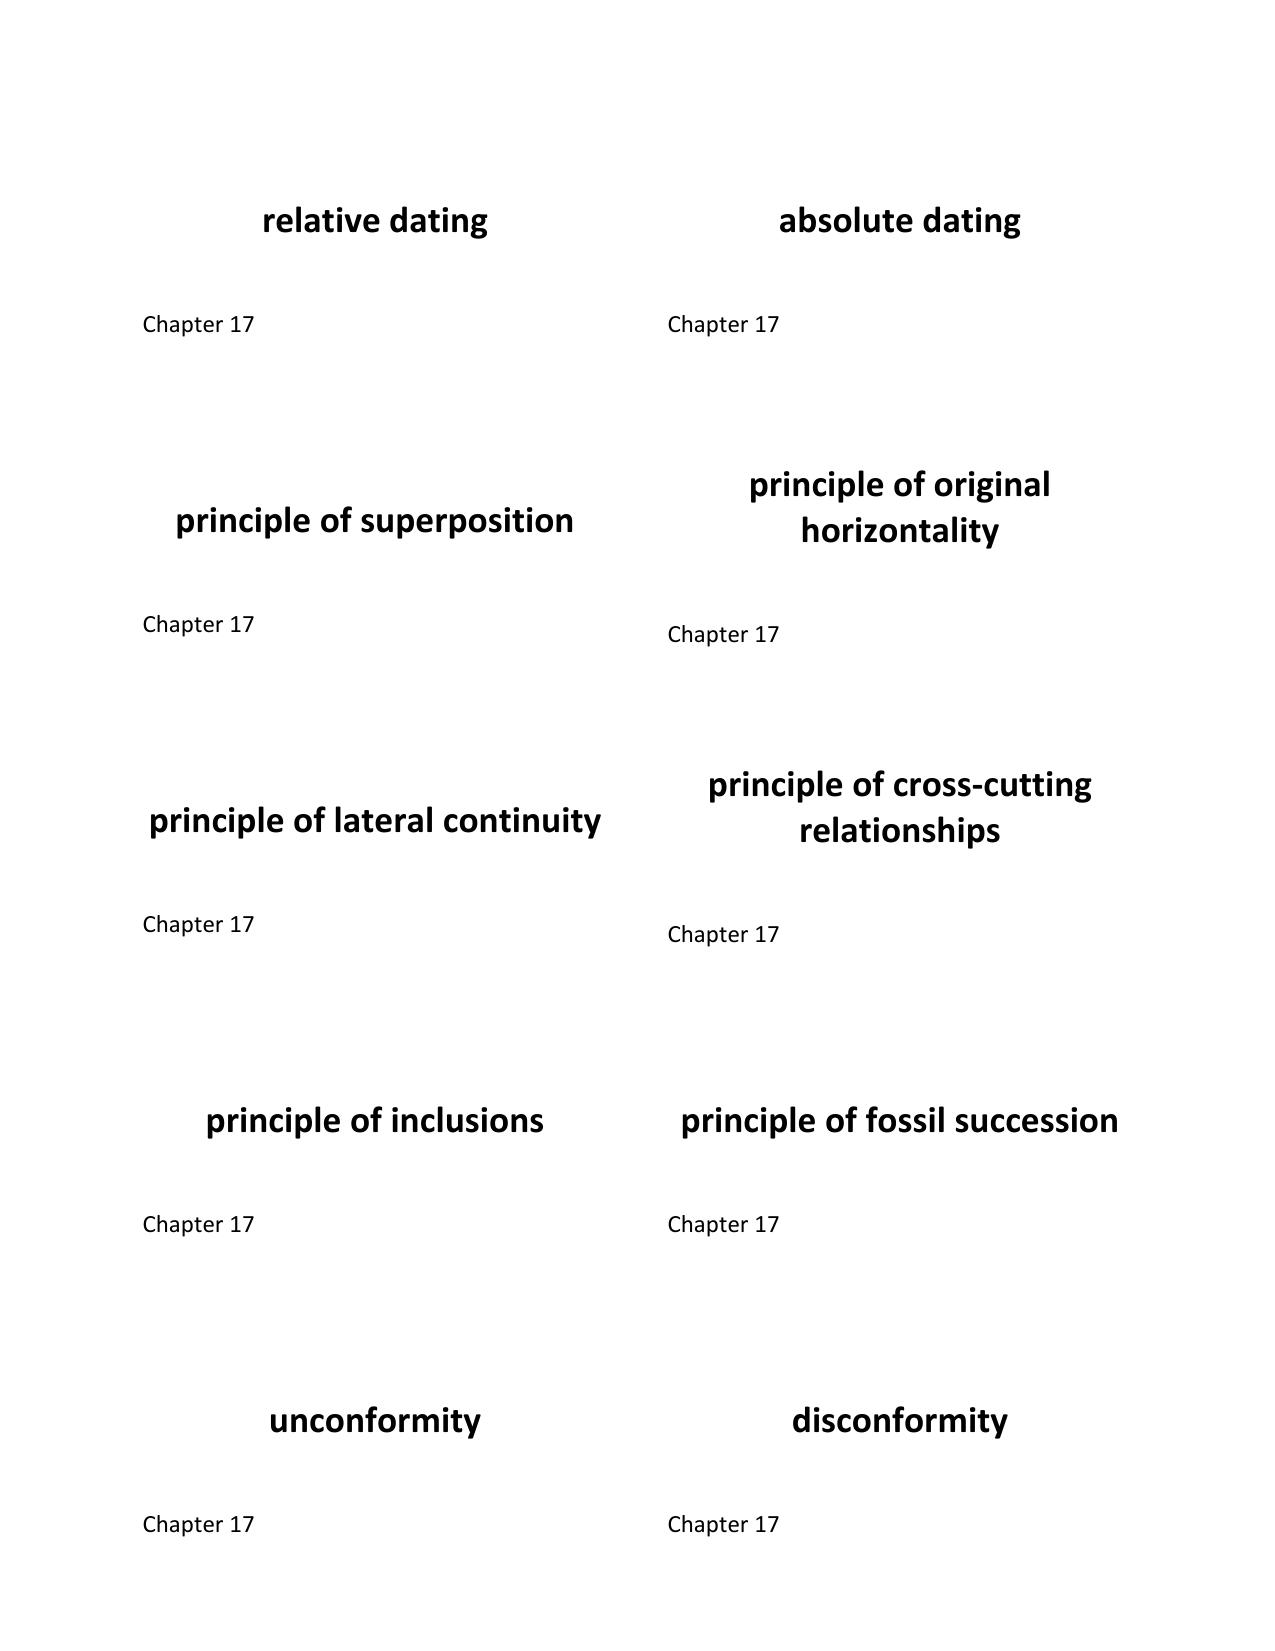 laste ned dating programmer